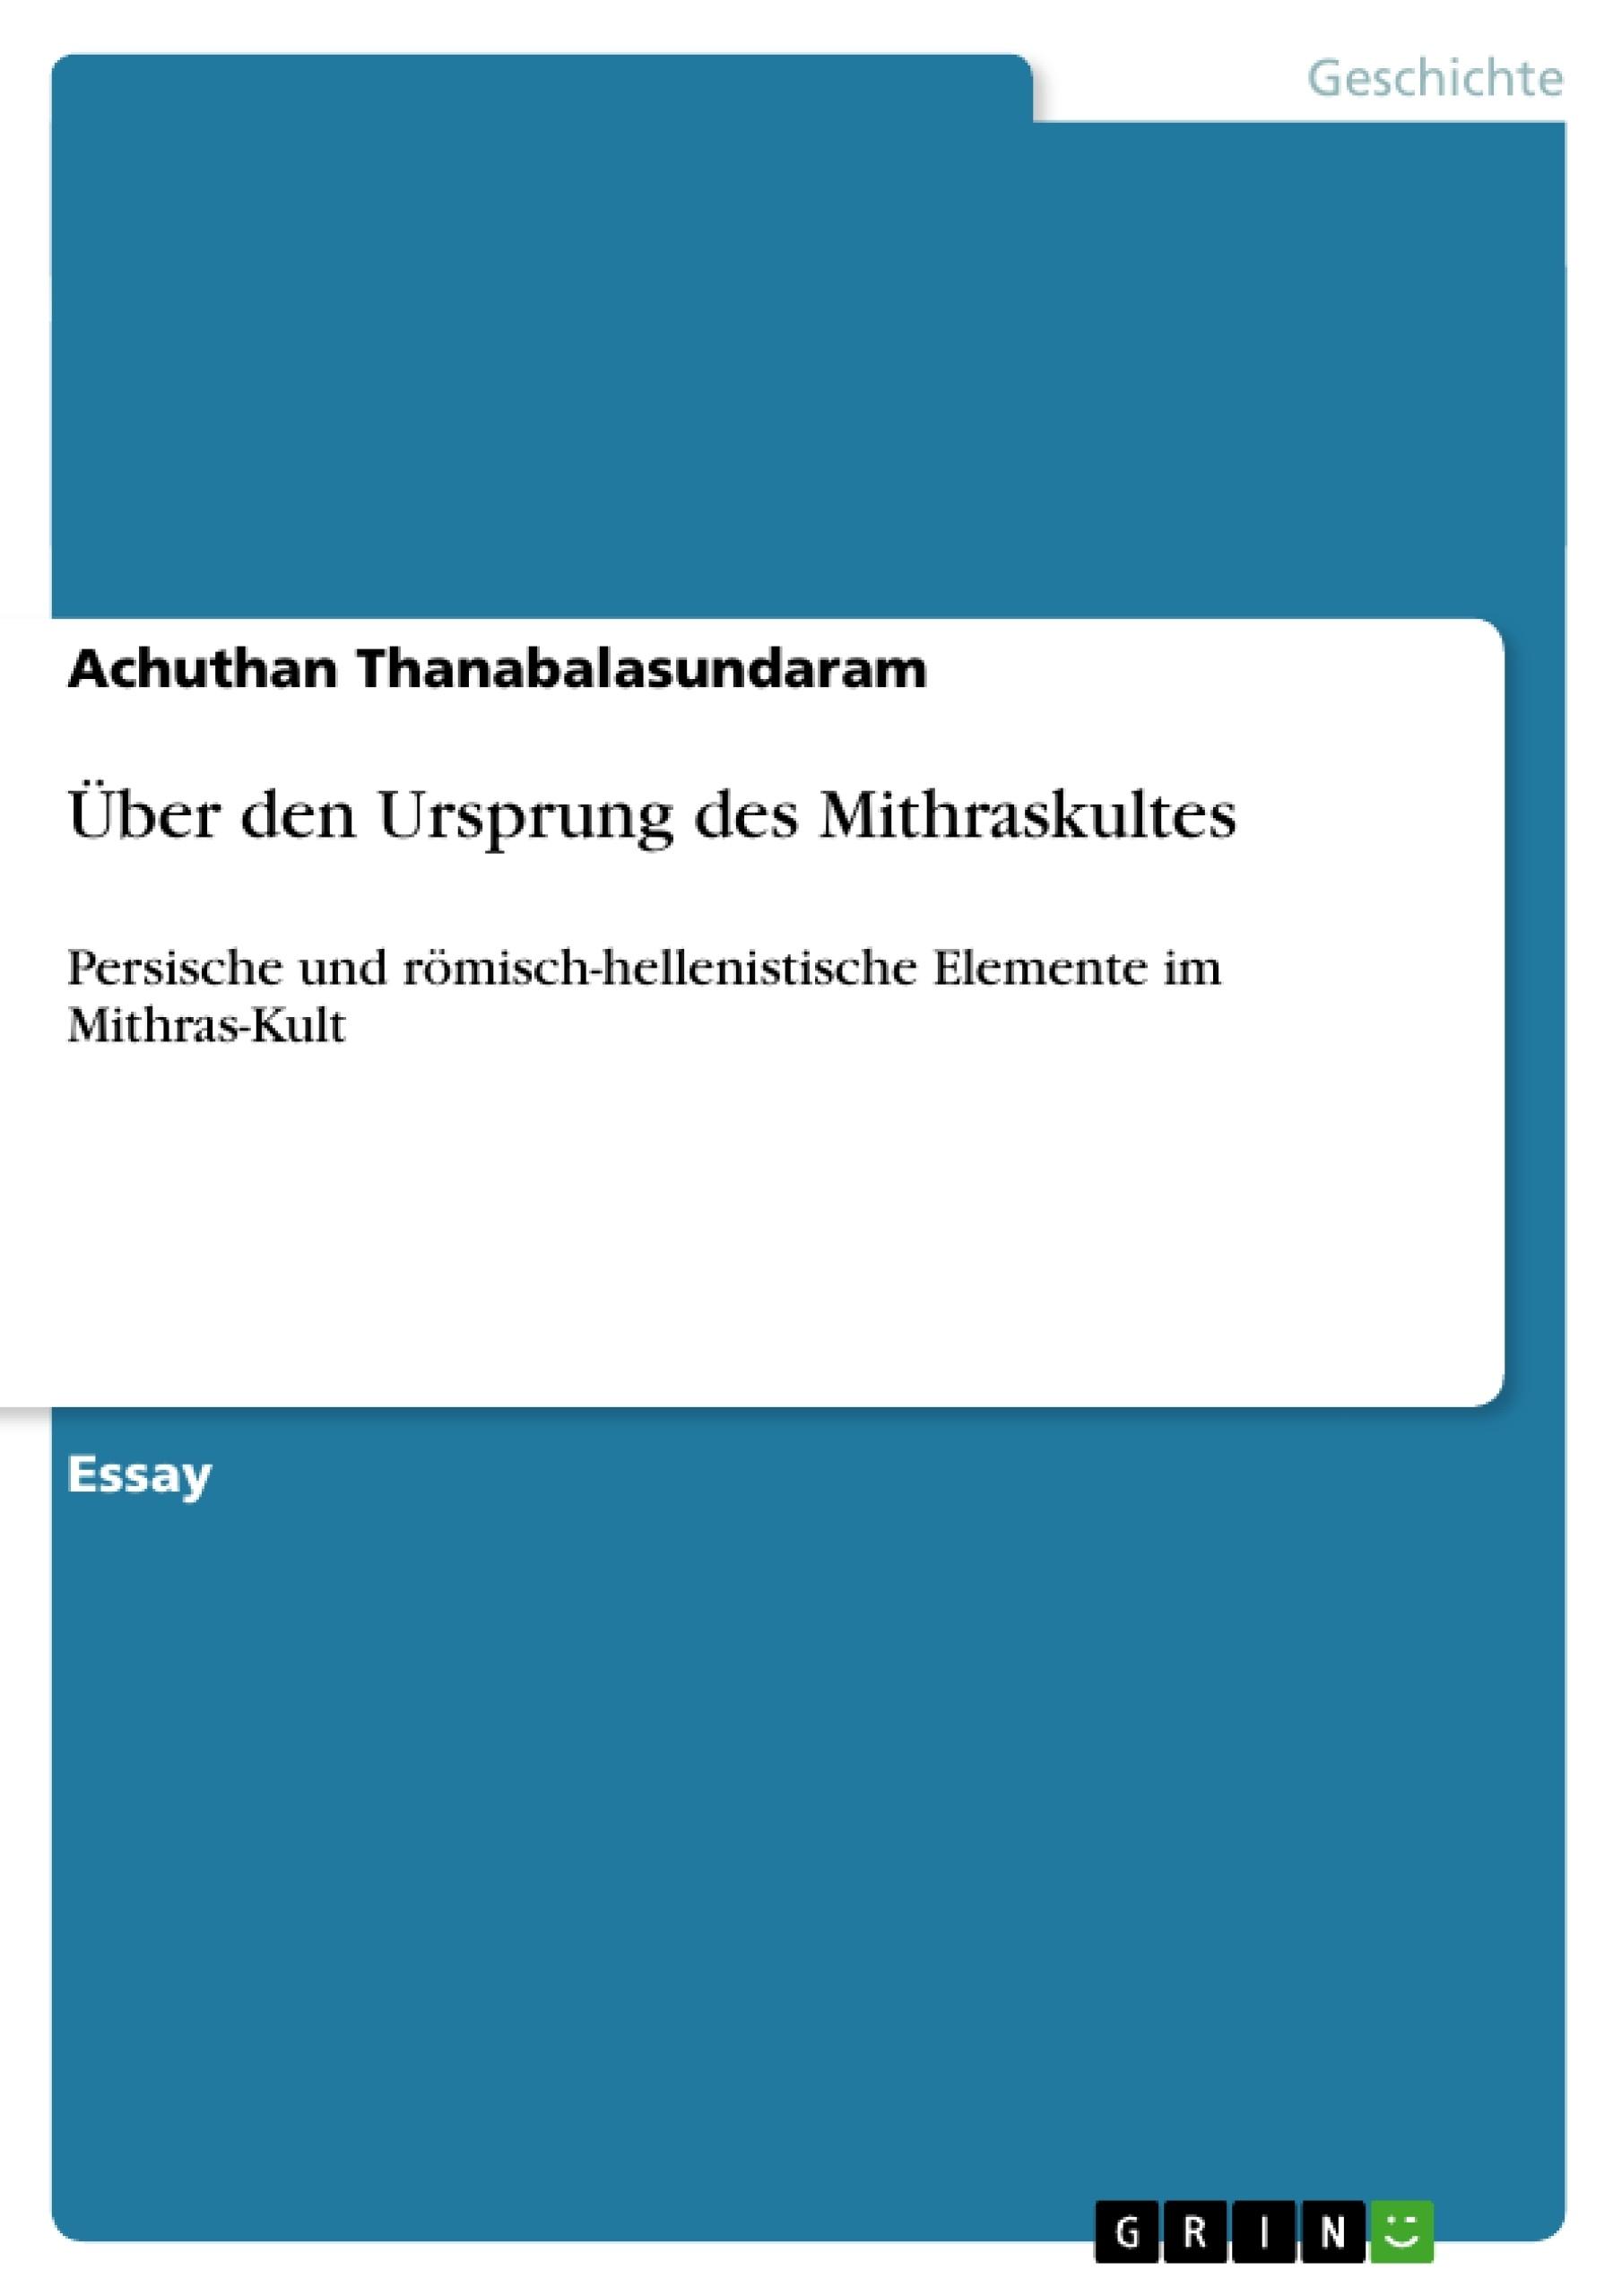 Titel: Über den Ursprung des Mithraskultes